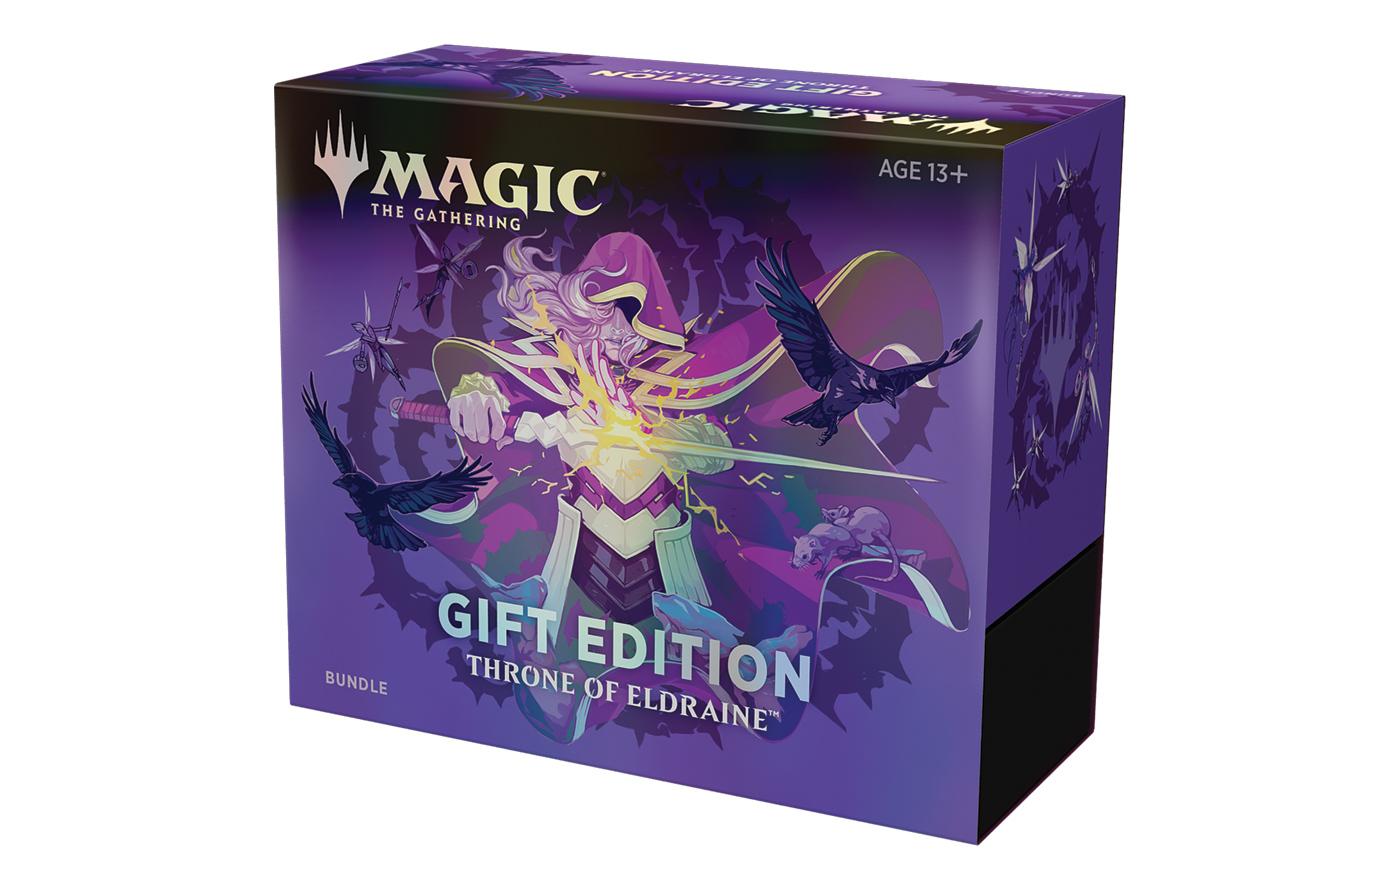 Gift Edition Bundle